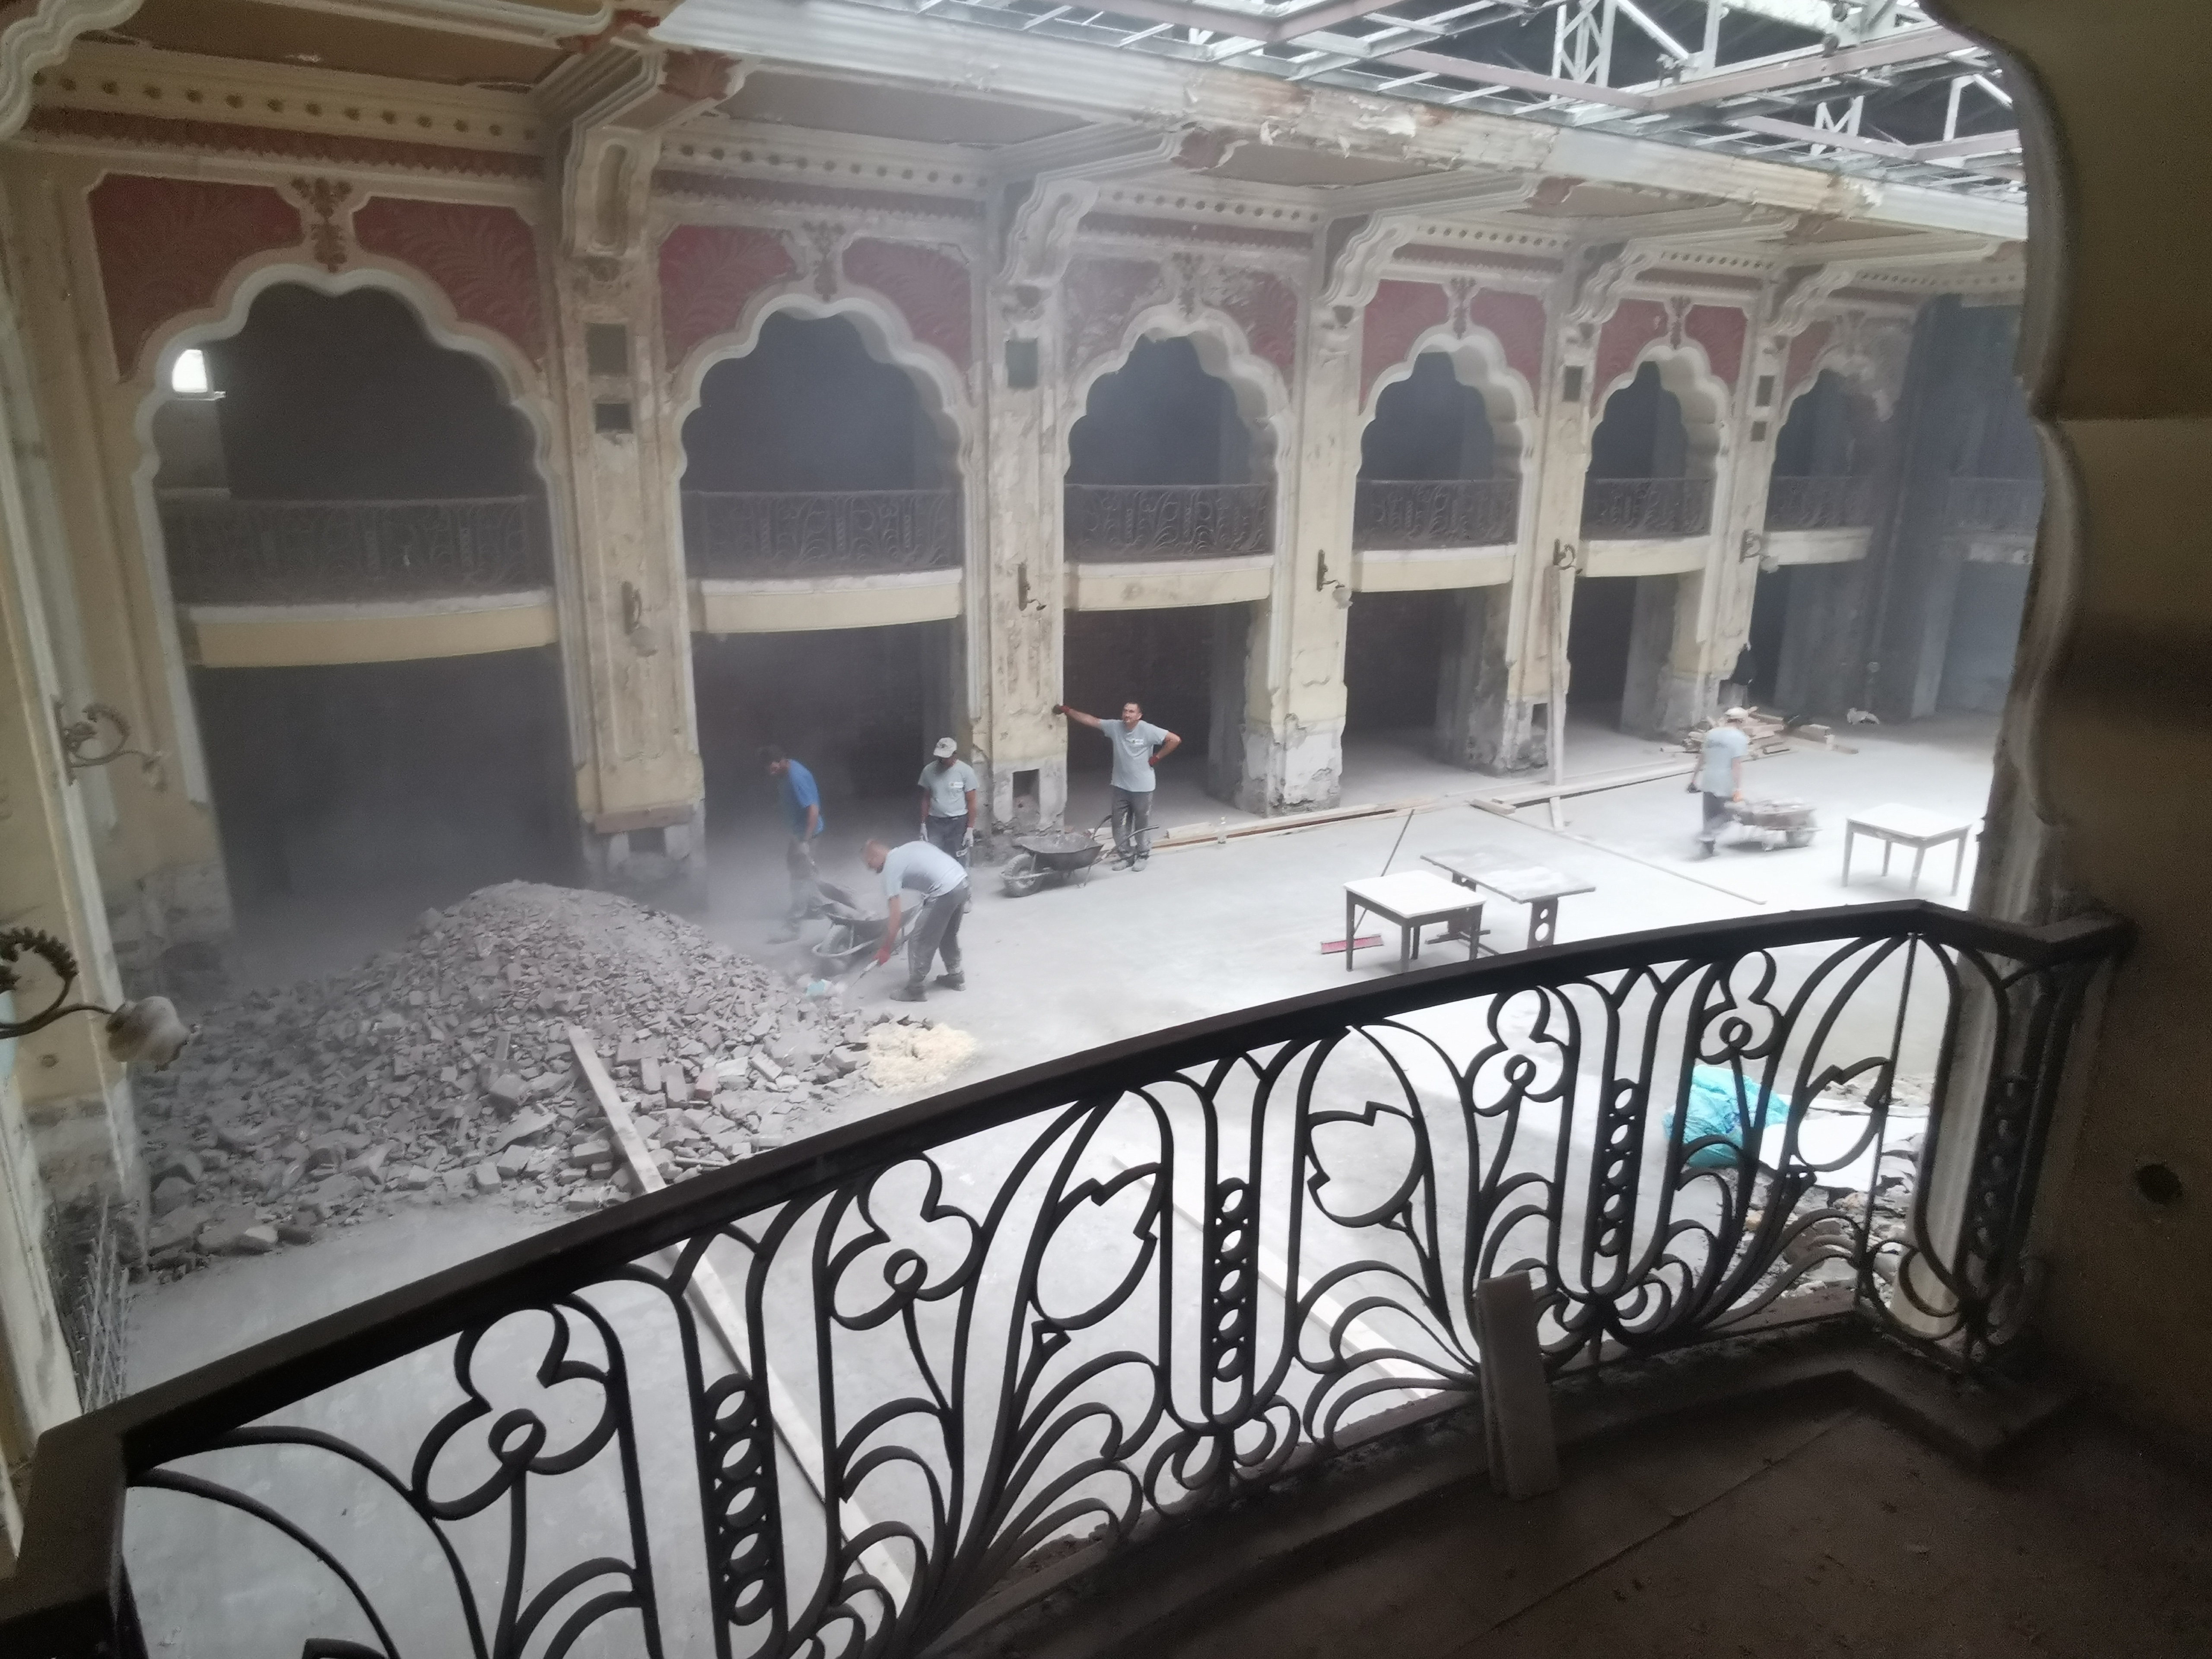 A început renovarea Hotelului Dacia. Imagini din interior